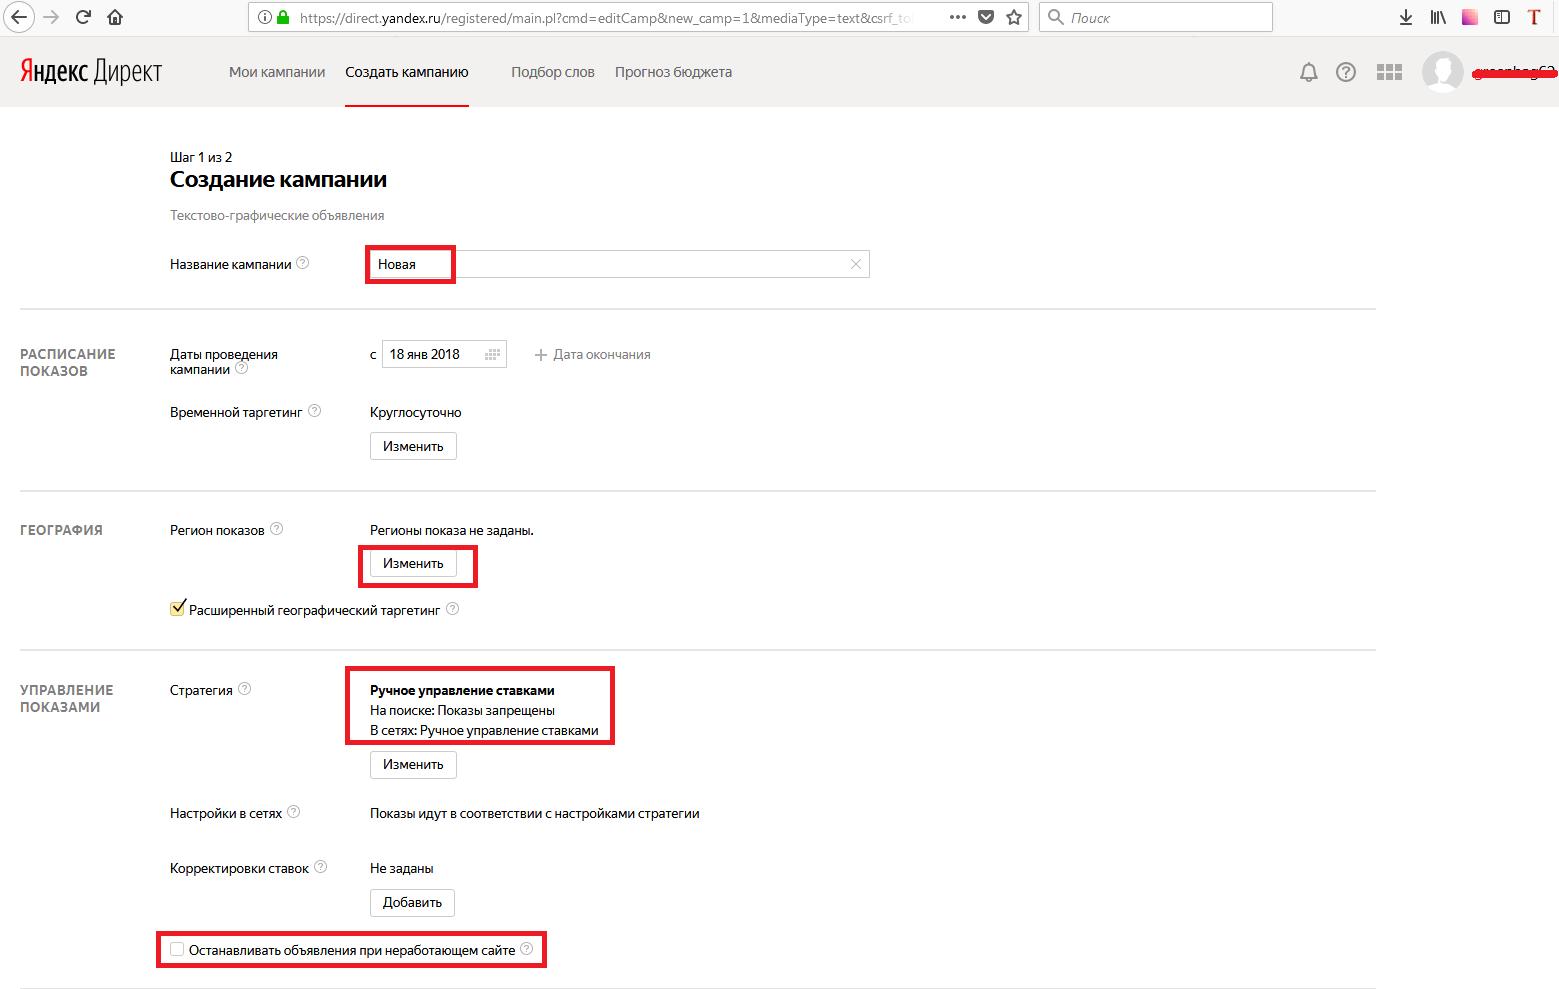 Купоны яндекс директ powered by vbulletin 4 2 4 фирмы москвы интернет реклама продвижение сайтов 007/09